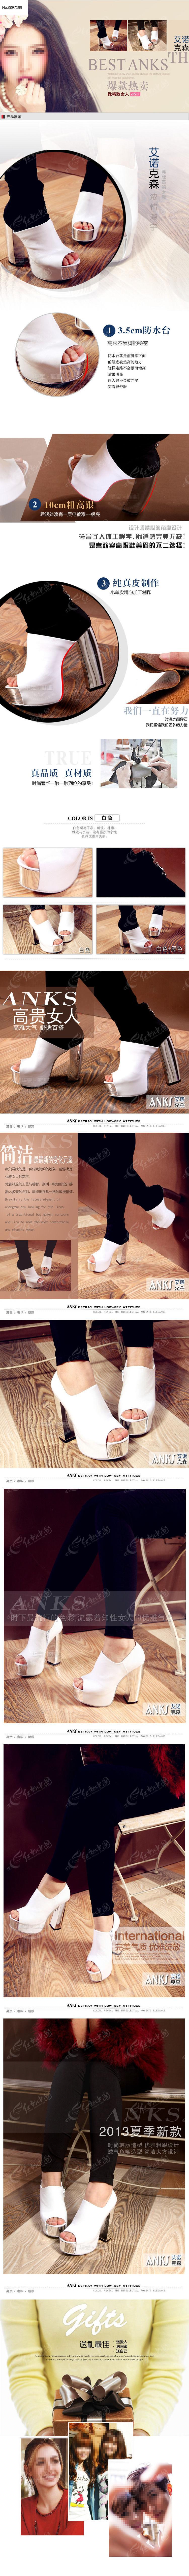 时尚女高跟凉鞋宝贝描述详情页设计图片